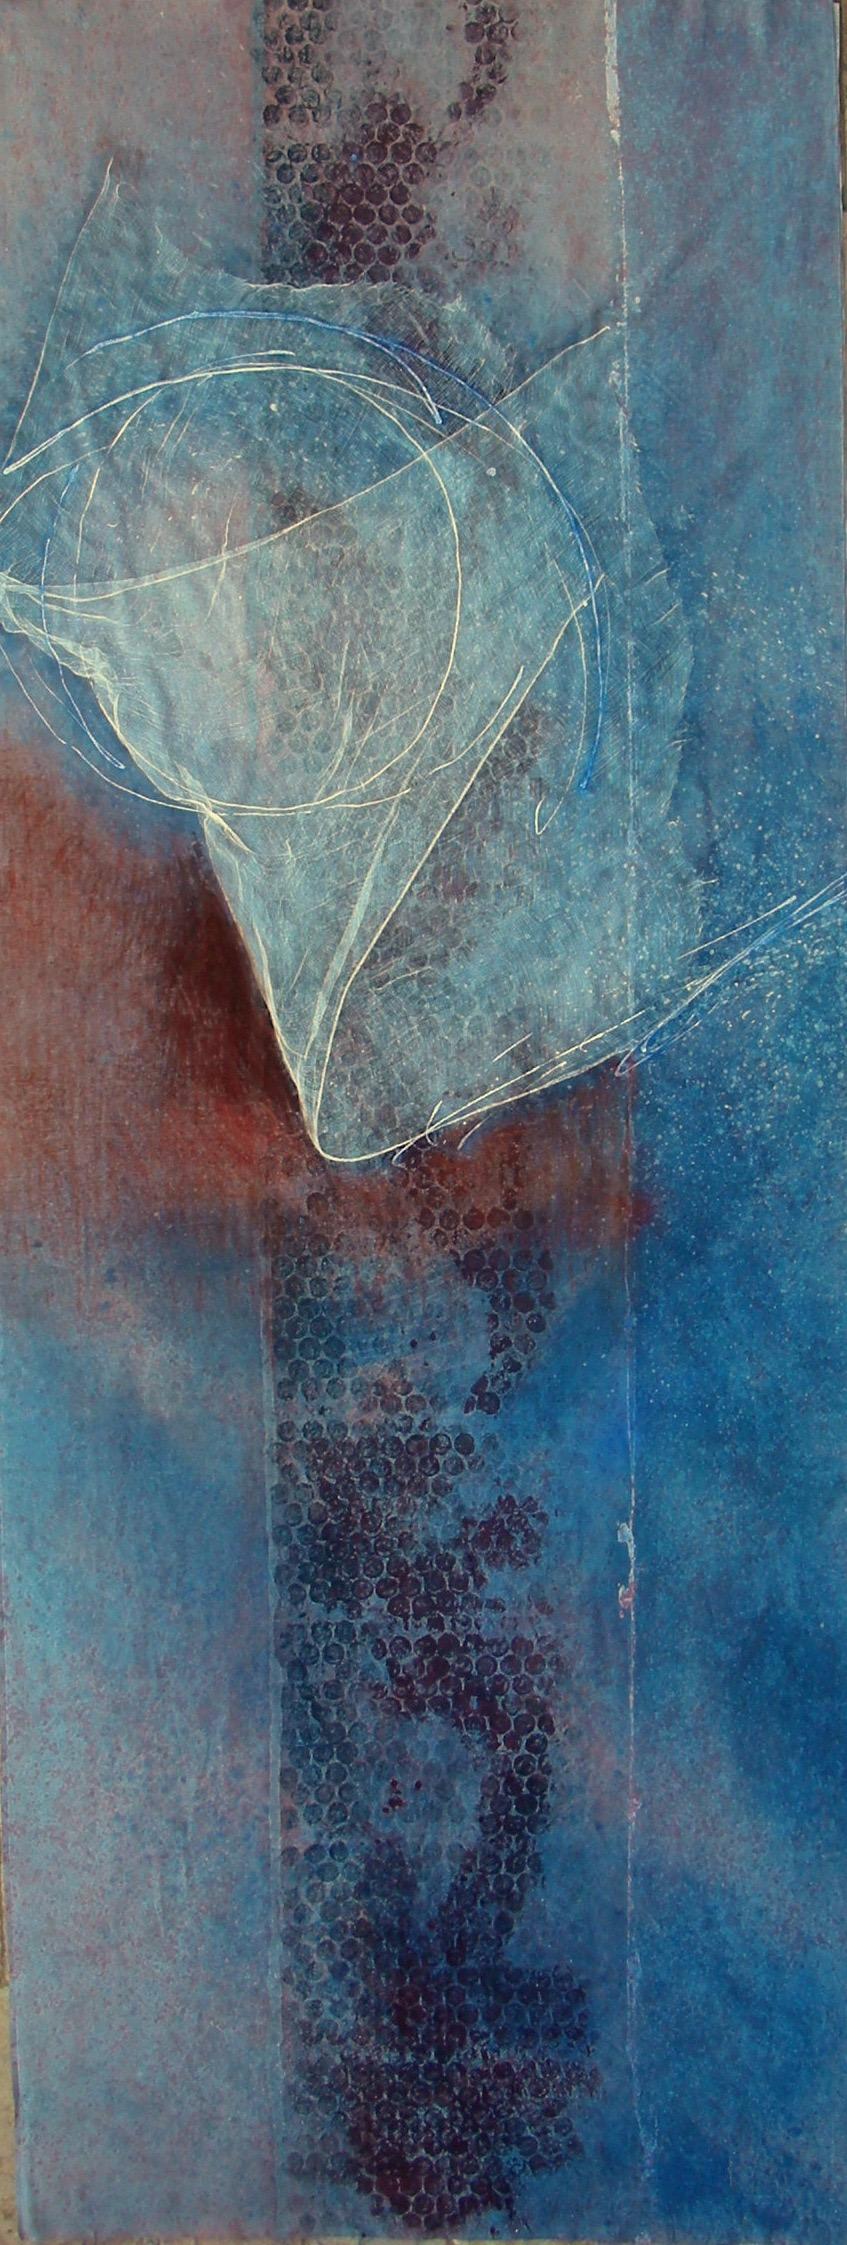 Quantum Paradox 3, 2011  120 x 48 inches